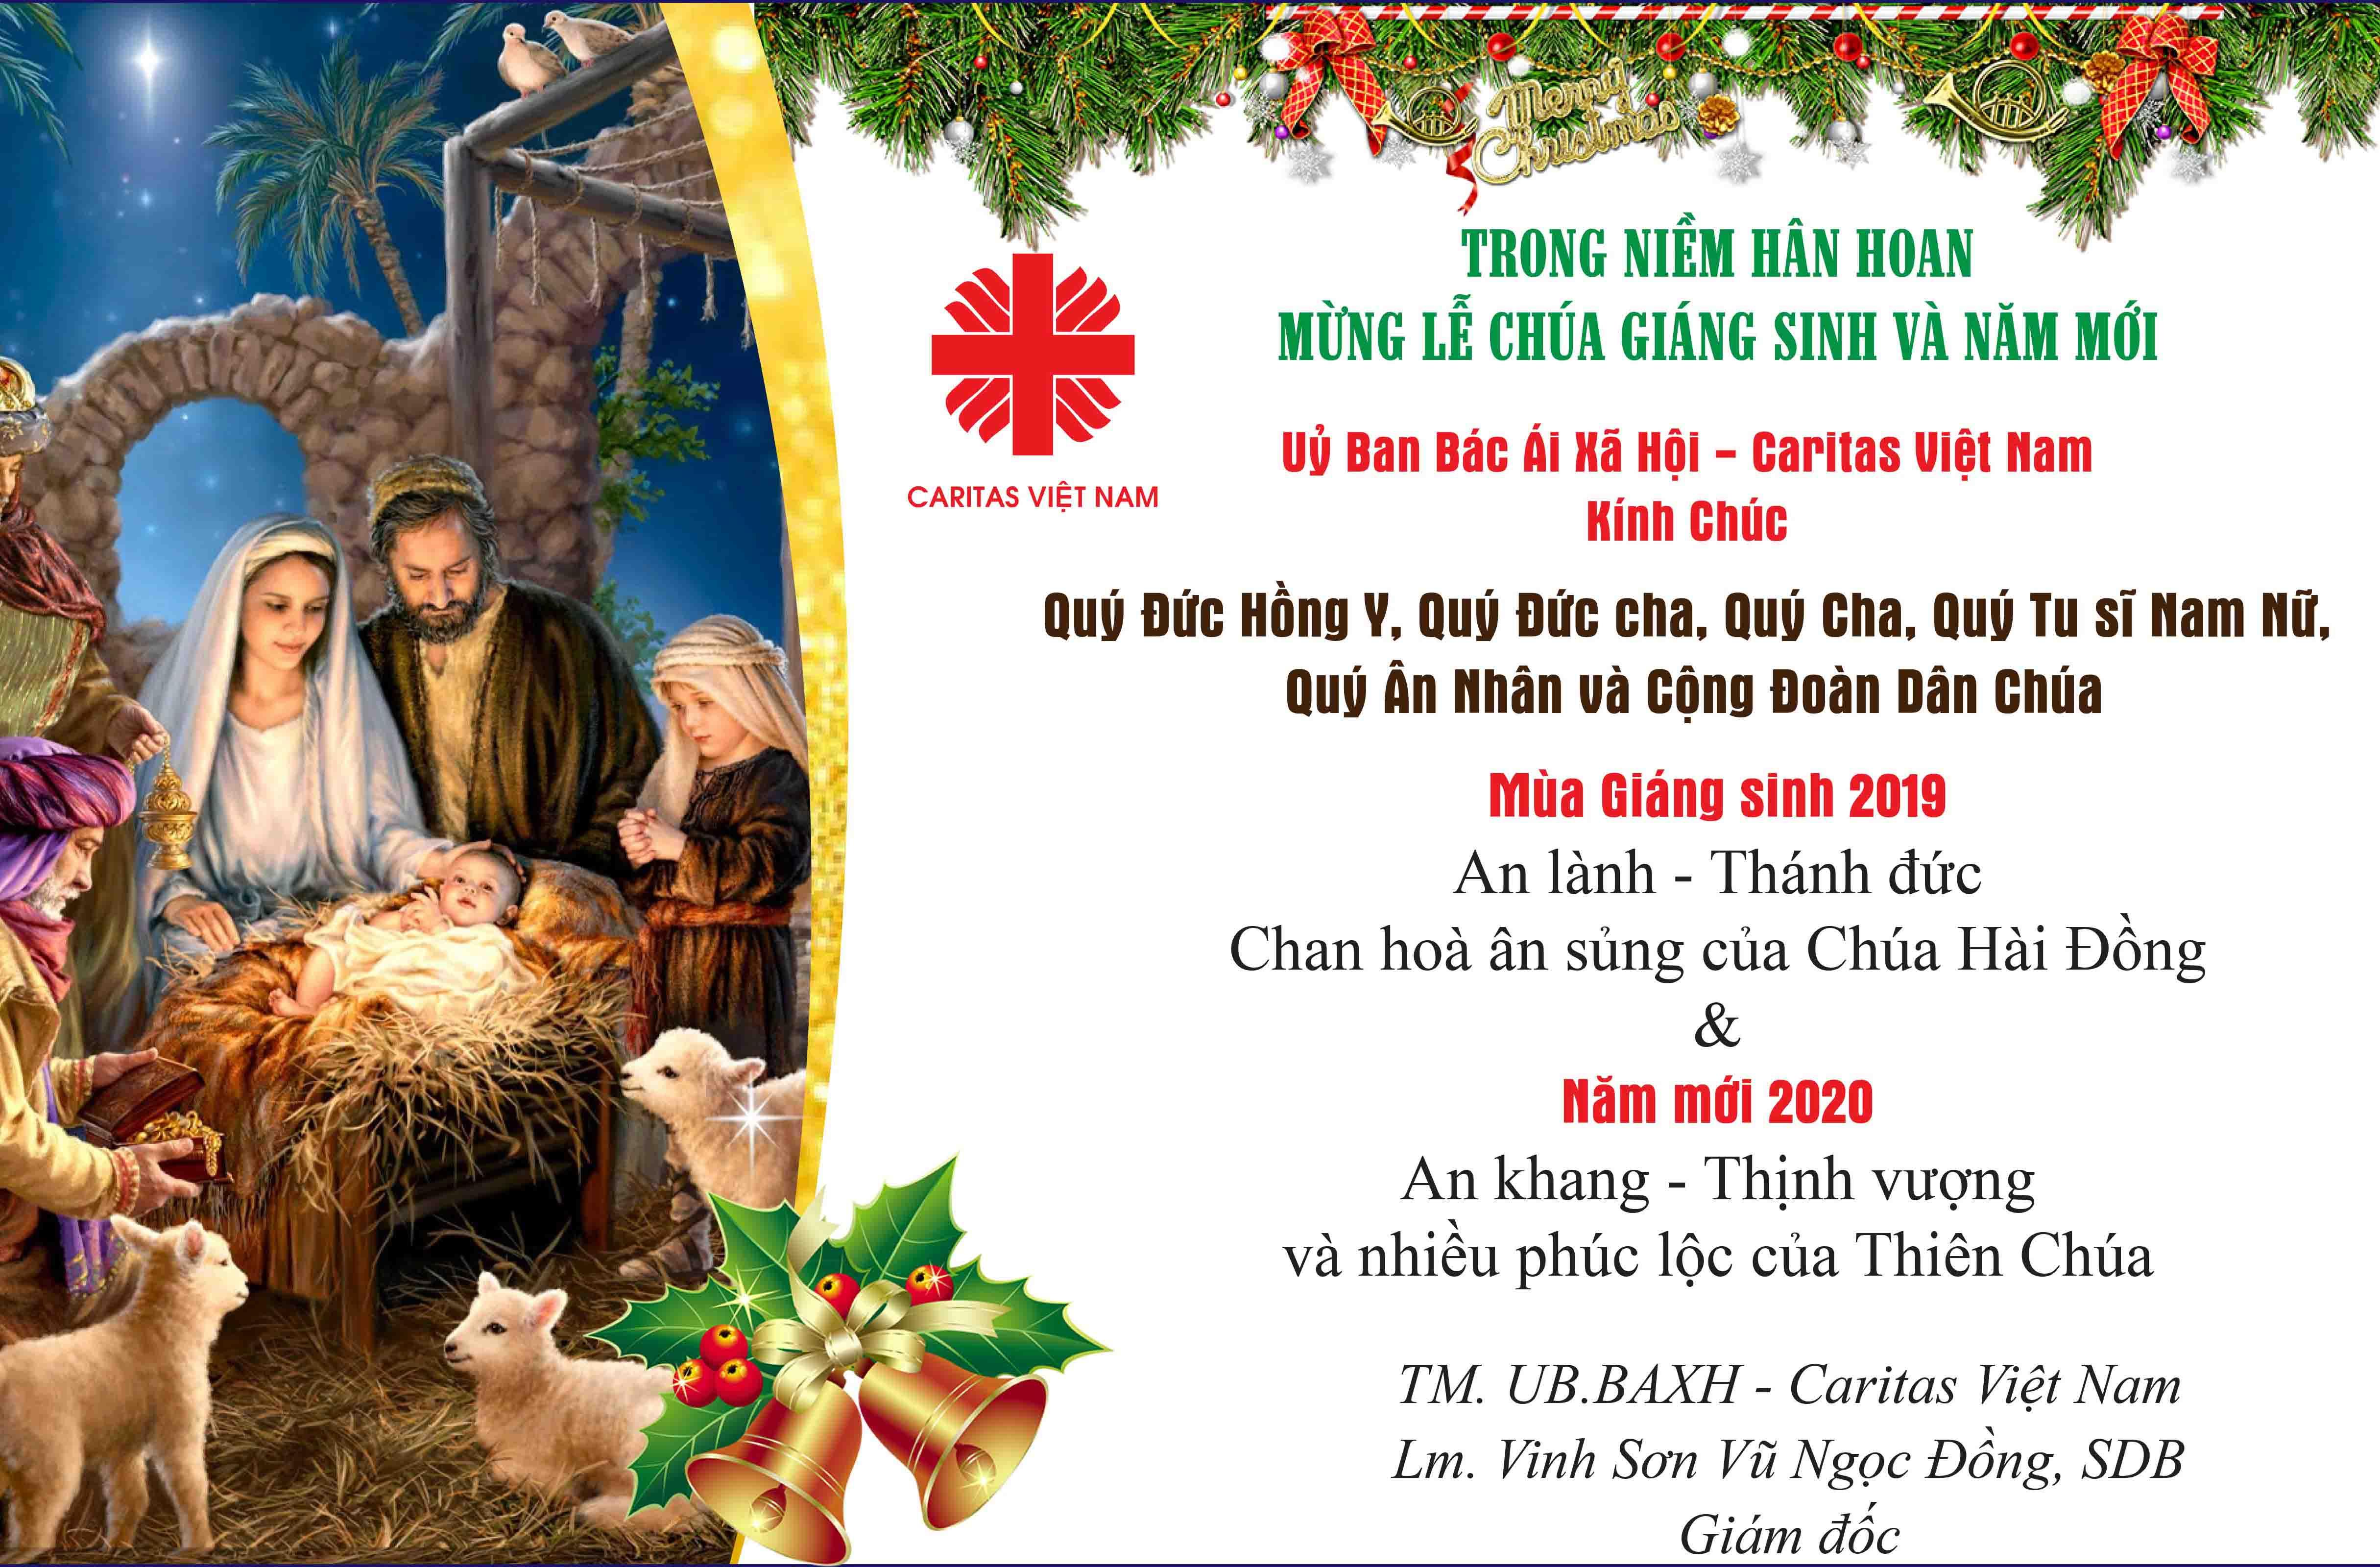 Caritas Việt Nam: Chúc Mừng Lễ Chúa Giáng Sinh và Năm Mới 2020